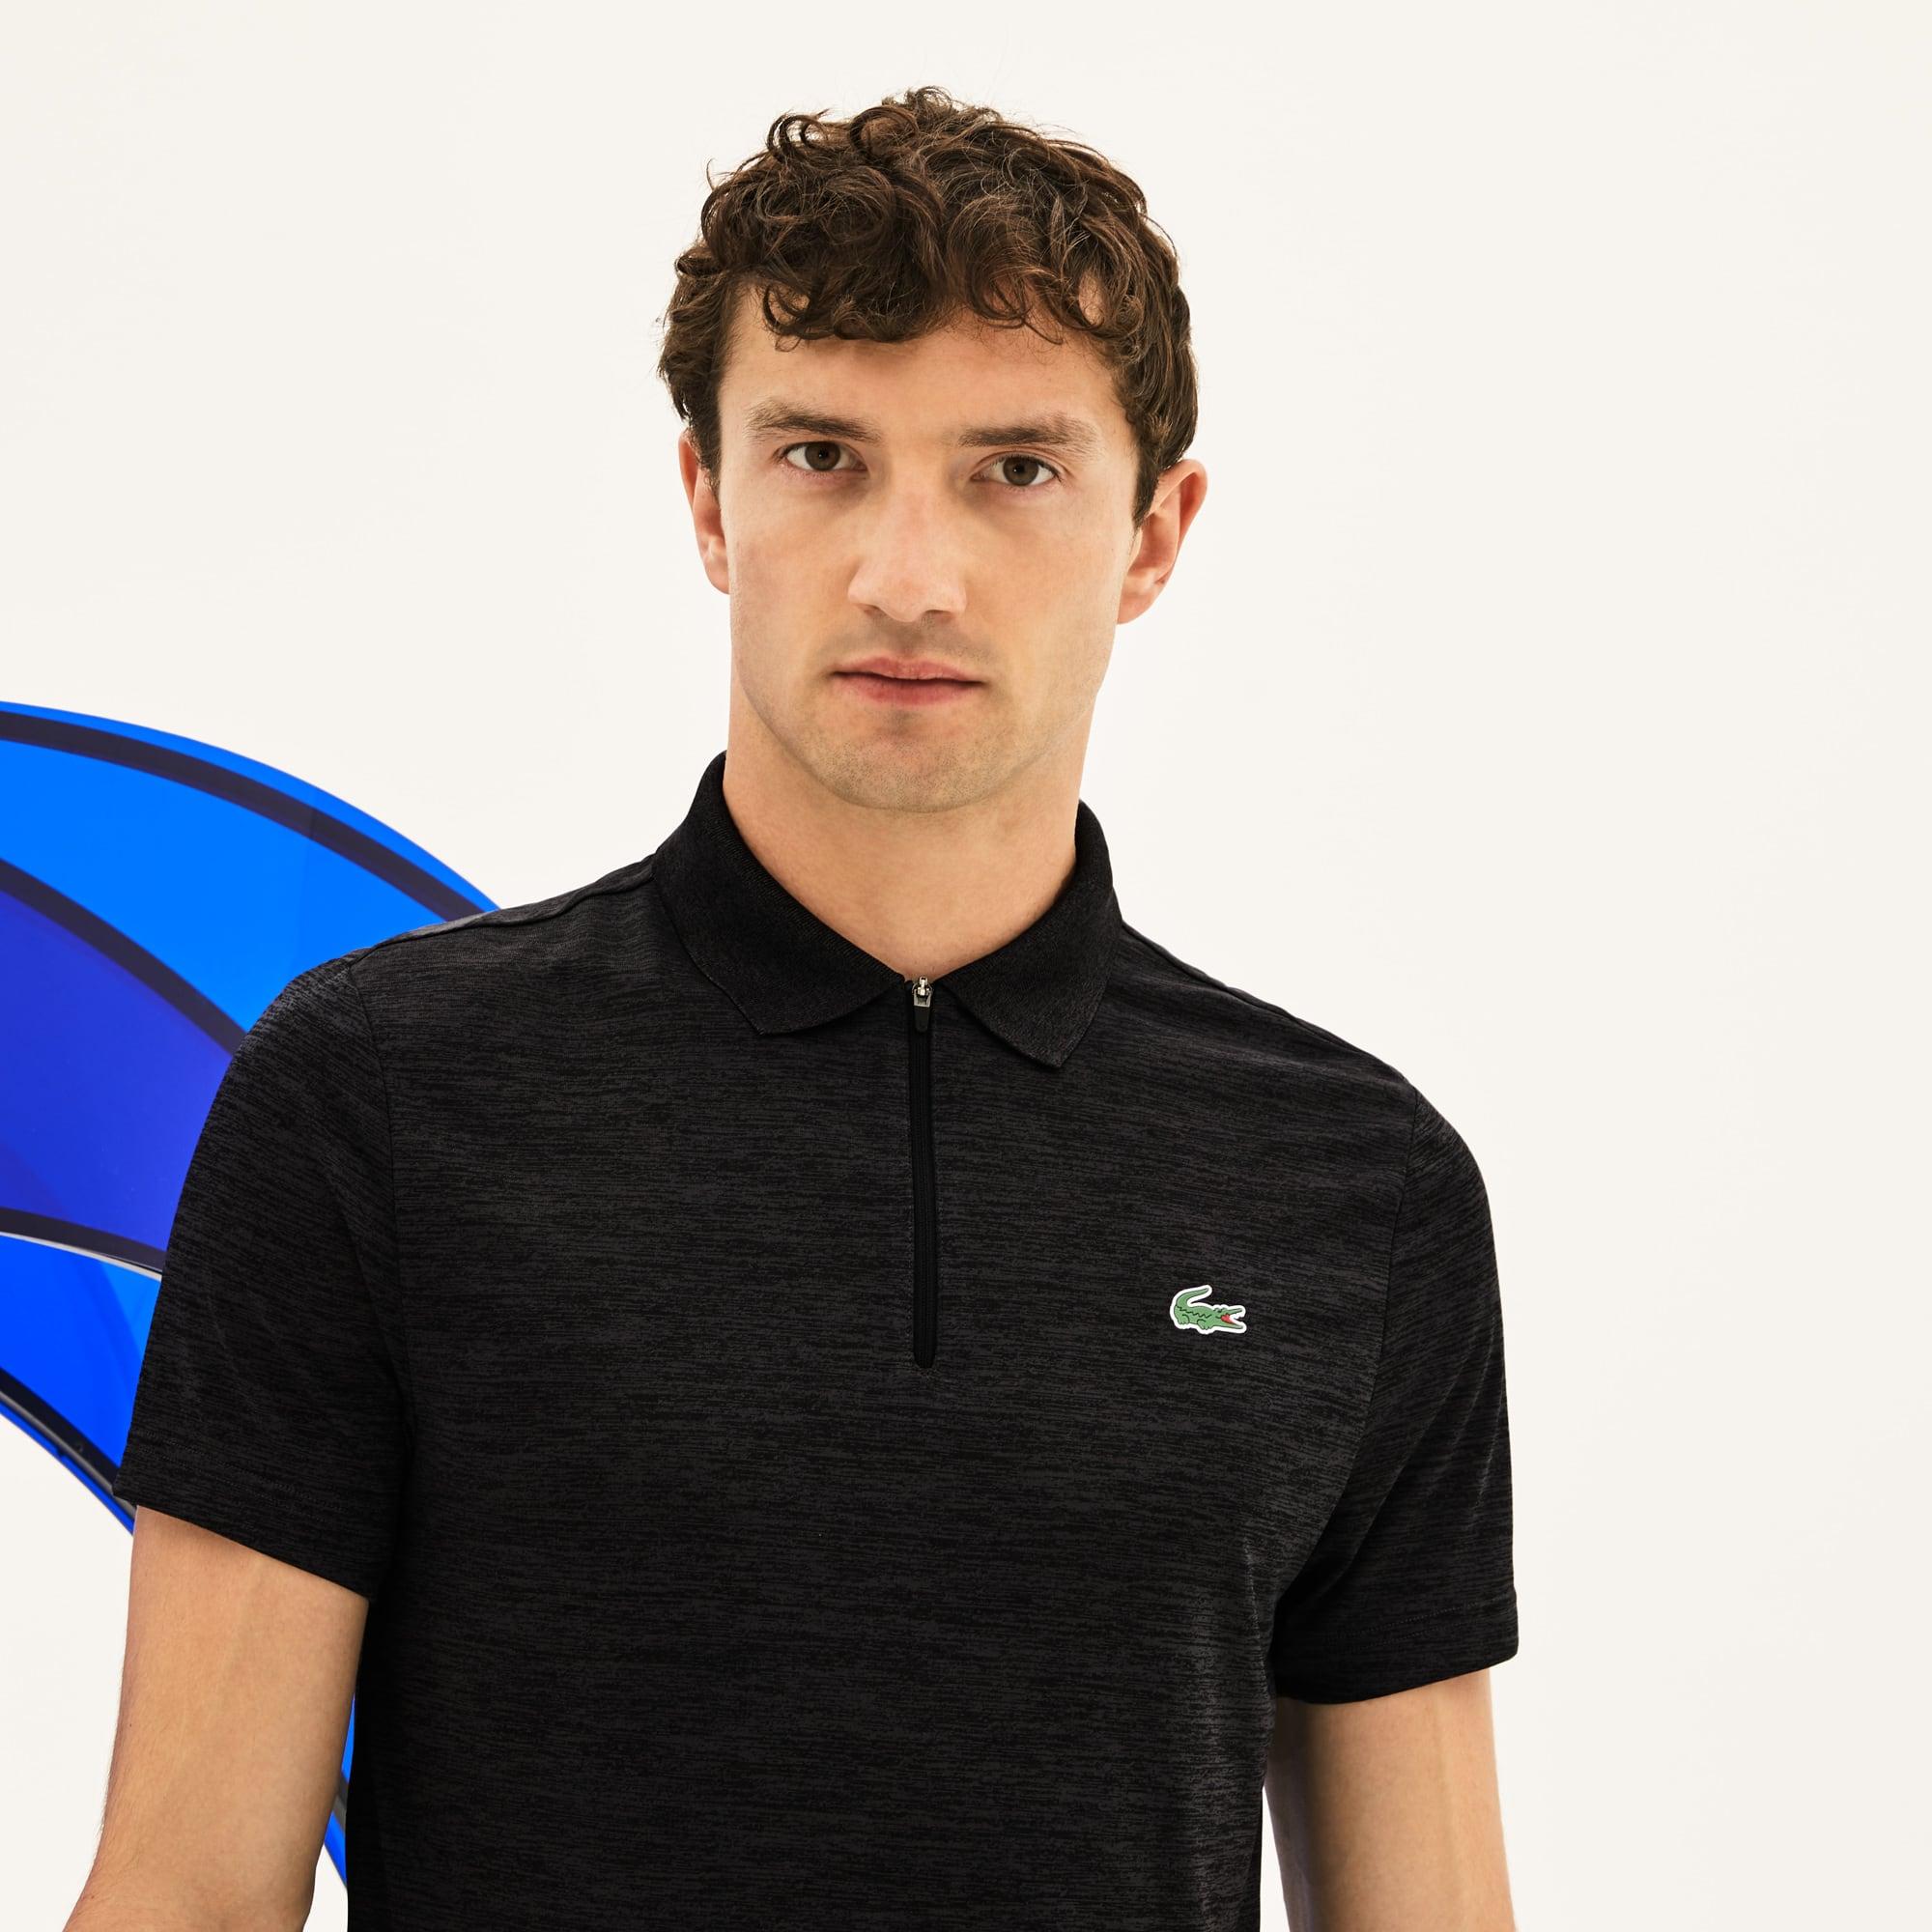 Polo Lacoste SPORT Collezione Novak Djokovic - Off Court in jersey tecnico chiné